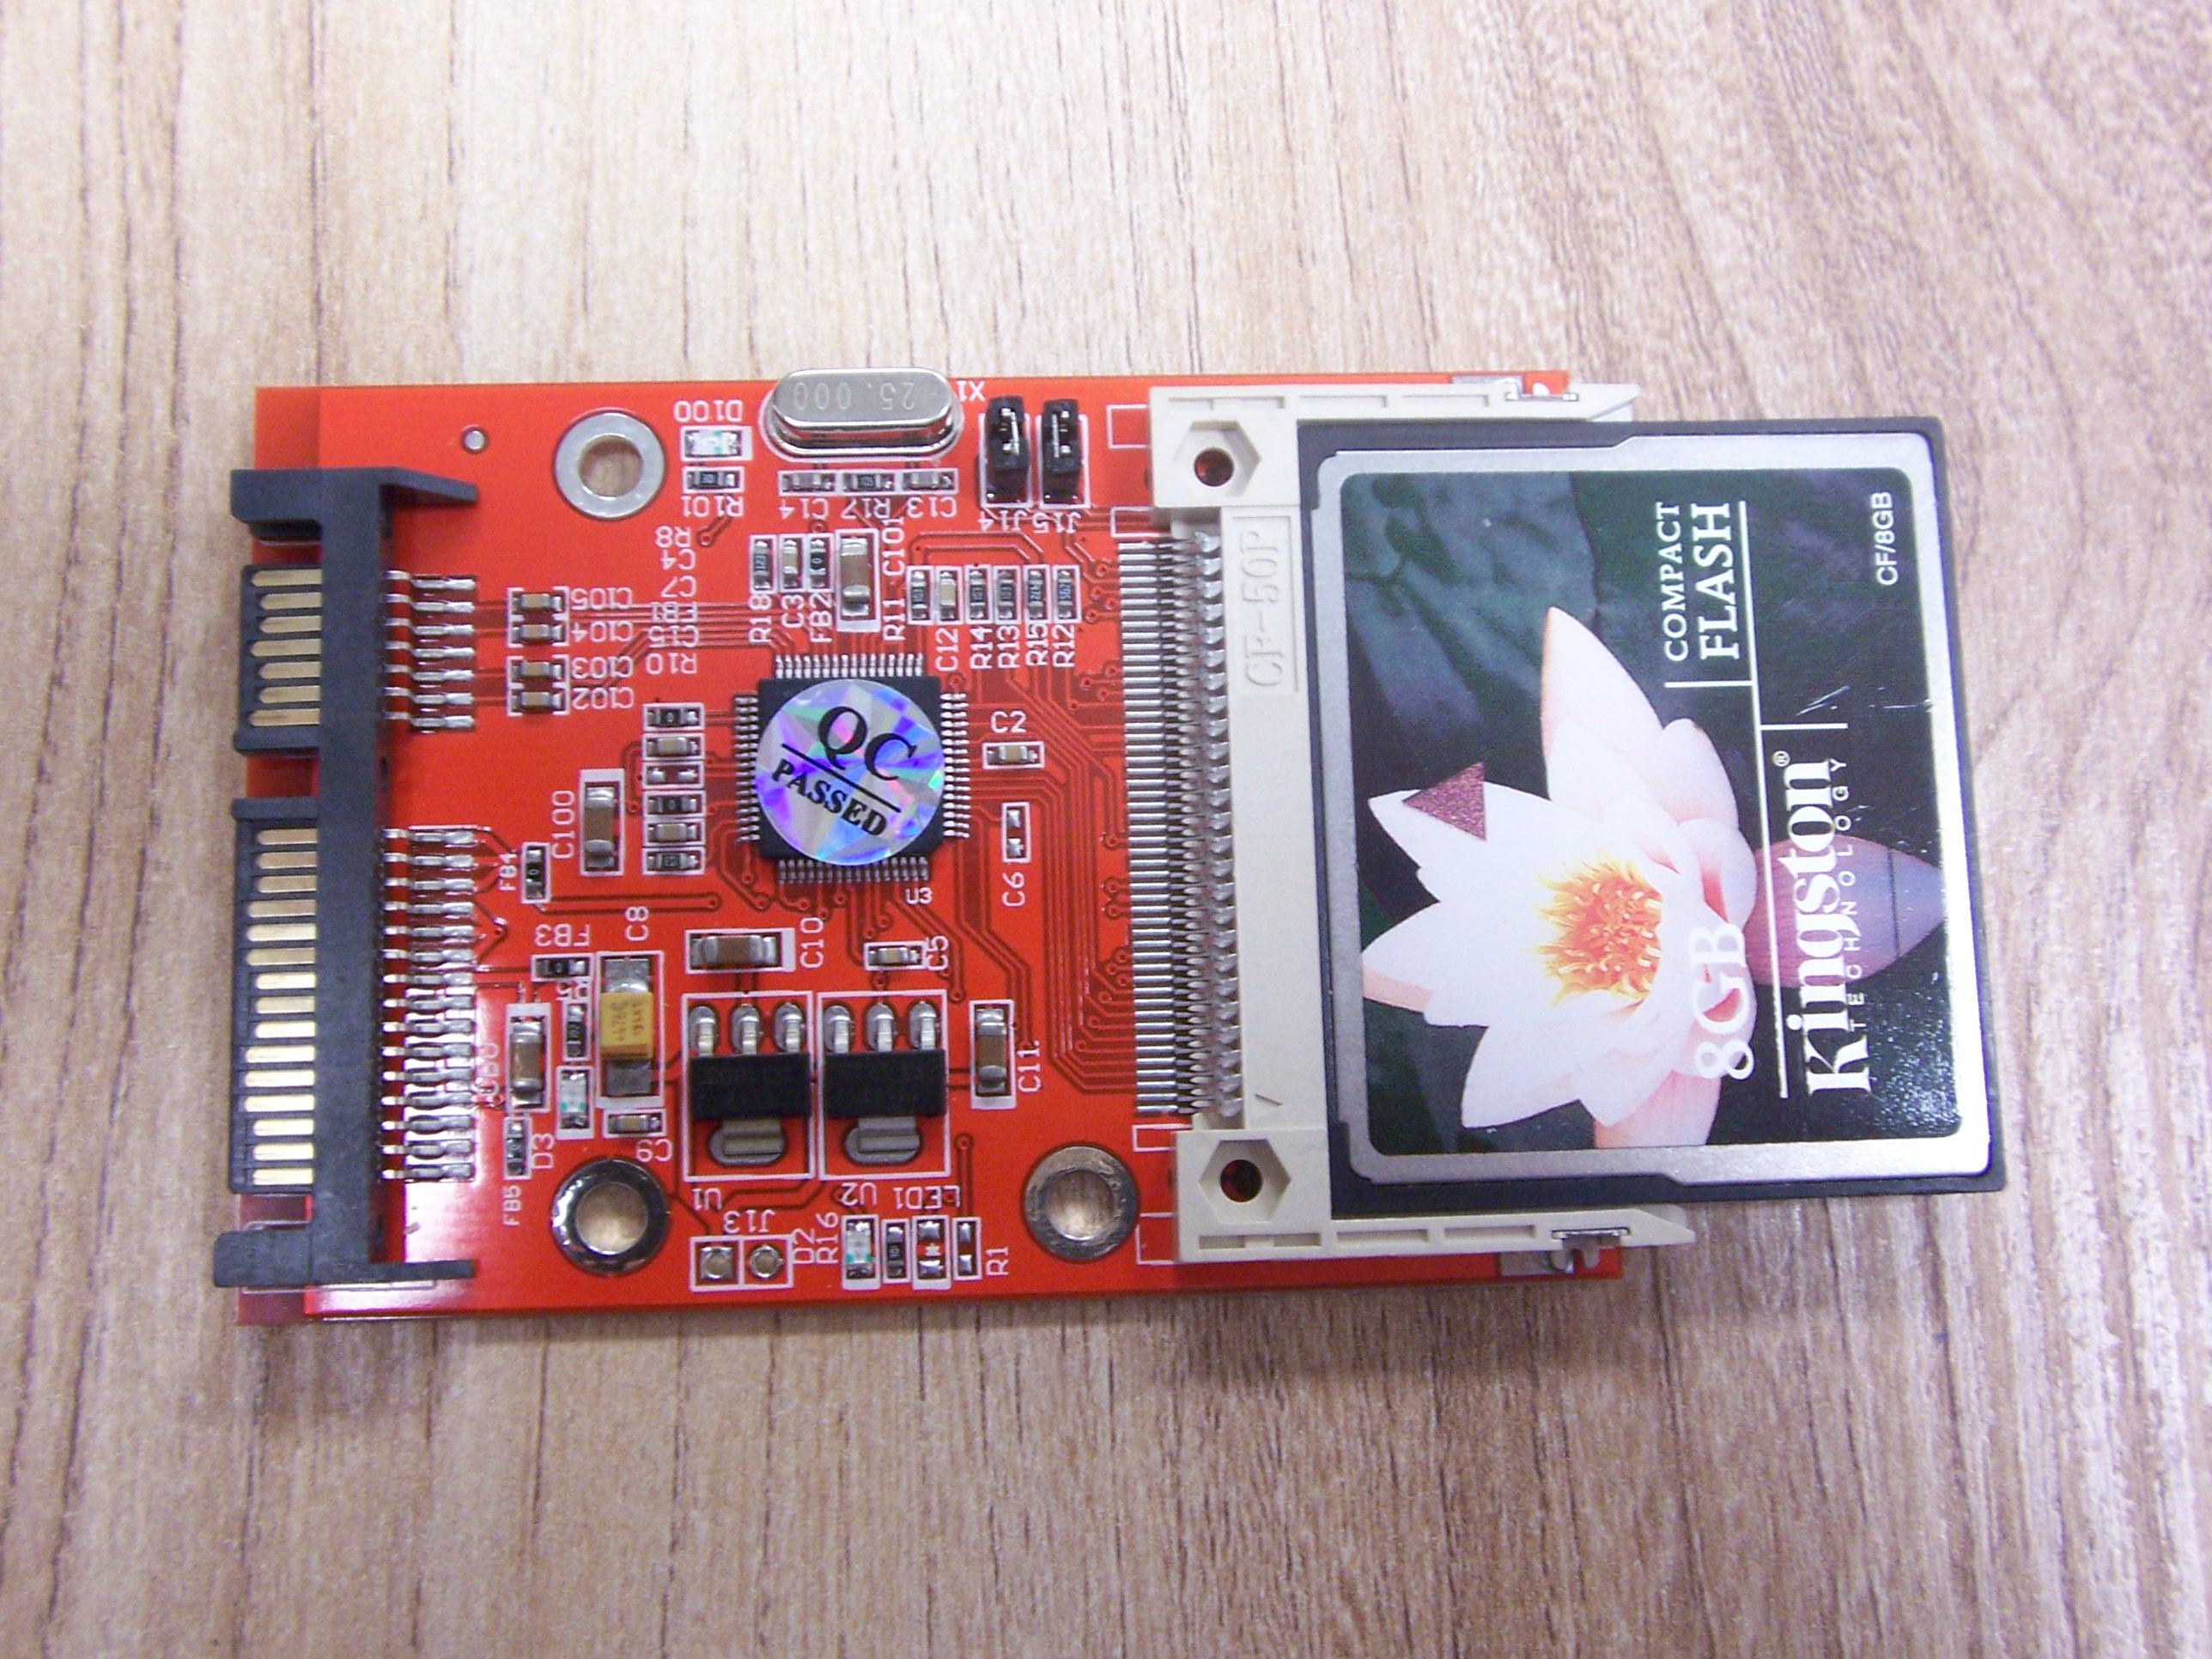 Przejściówka SATA - CompactFlash, widoczne złącze SATA i slot CF z zainstalowaną kartą.